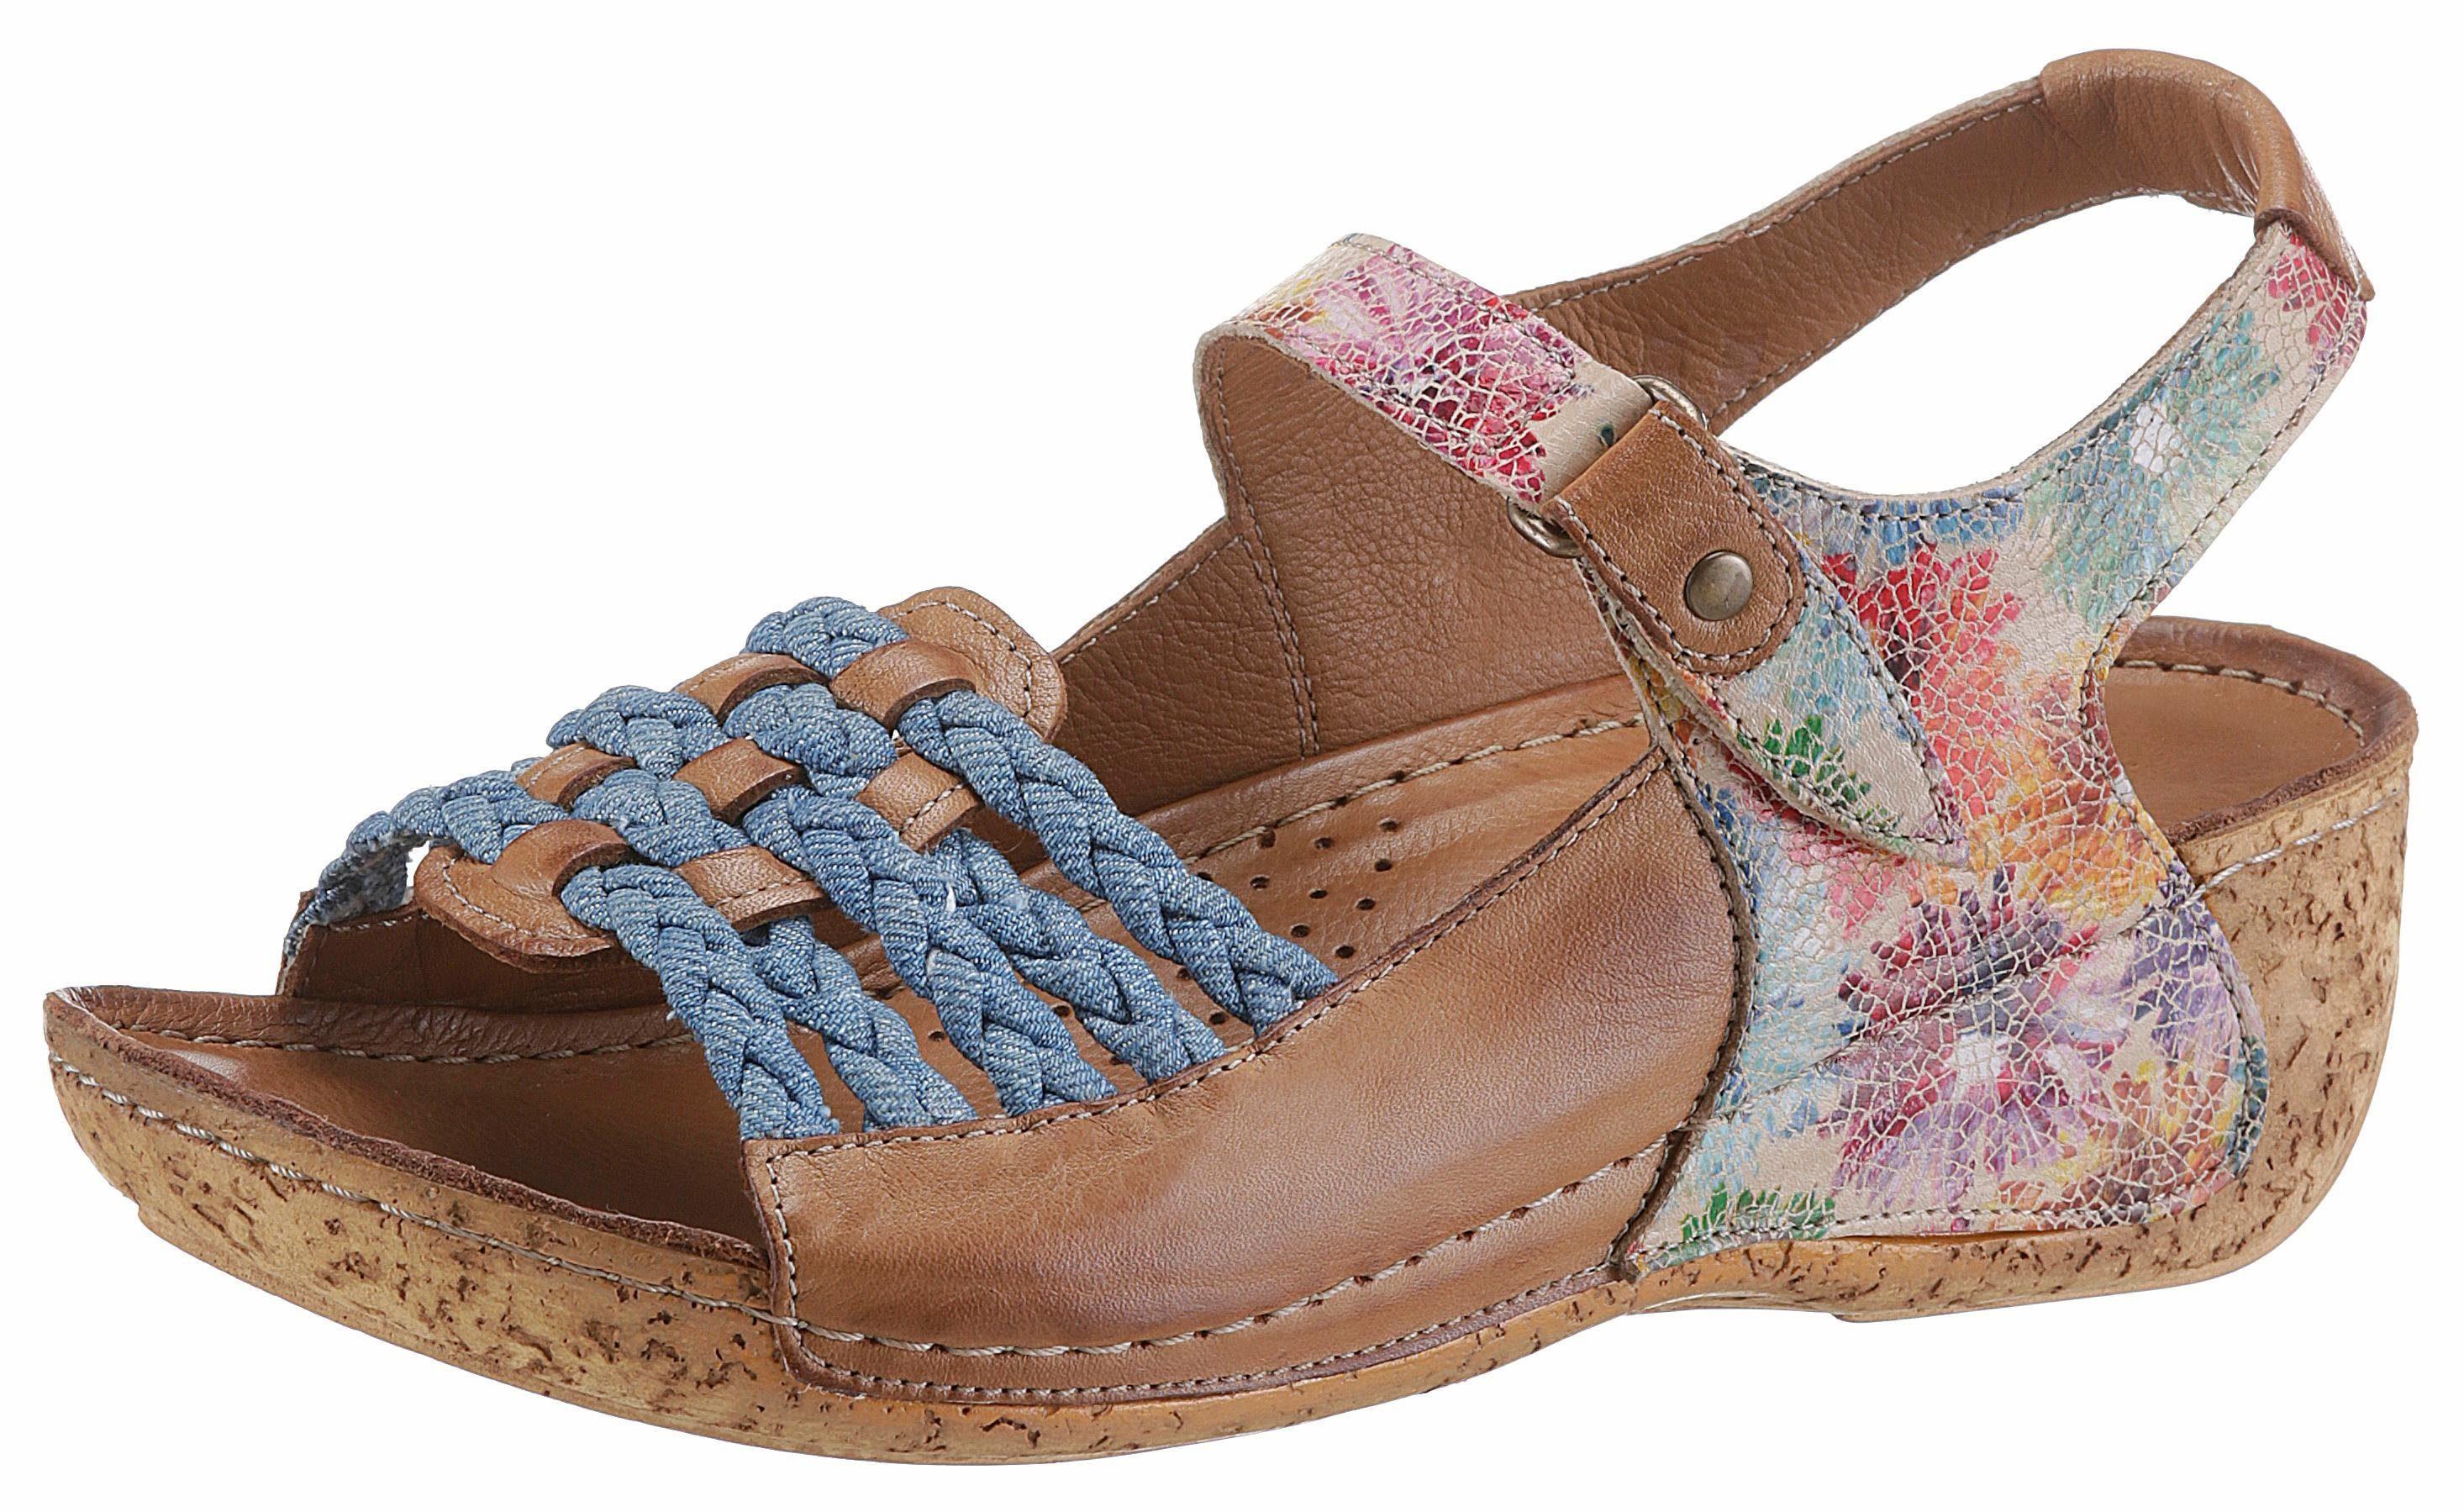 Gemini Sandalette, mit Blumendruck online kaufen  braun-jeansblau